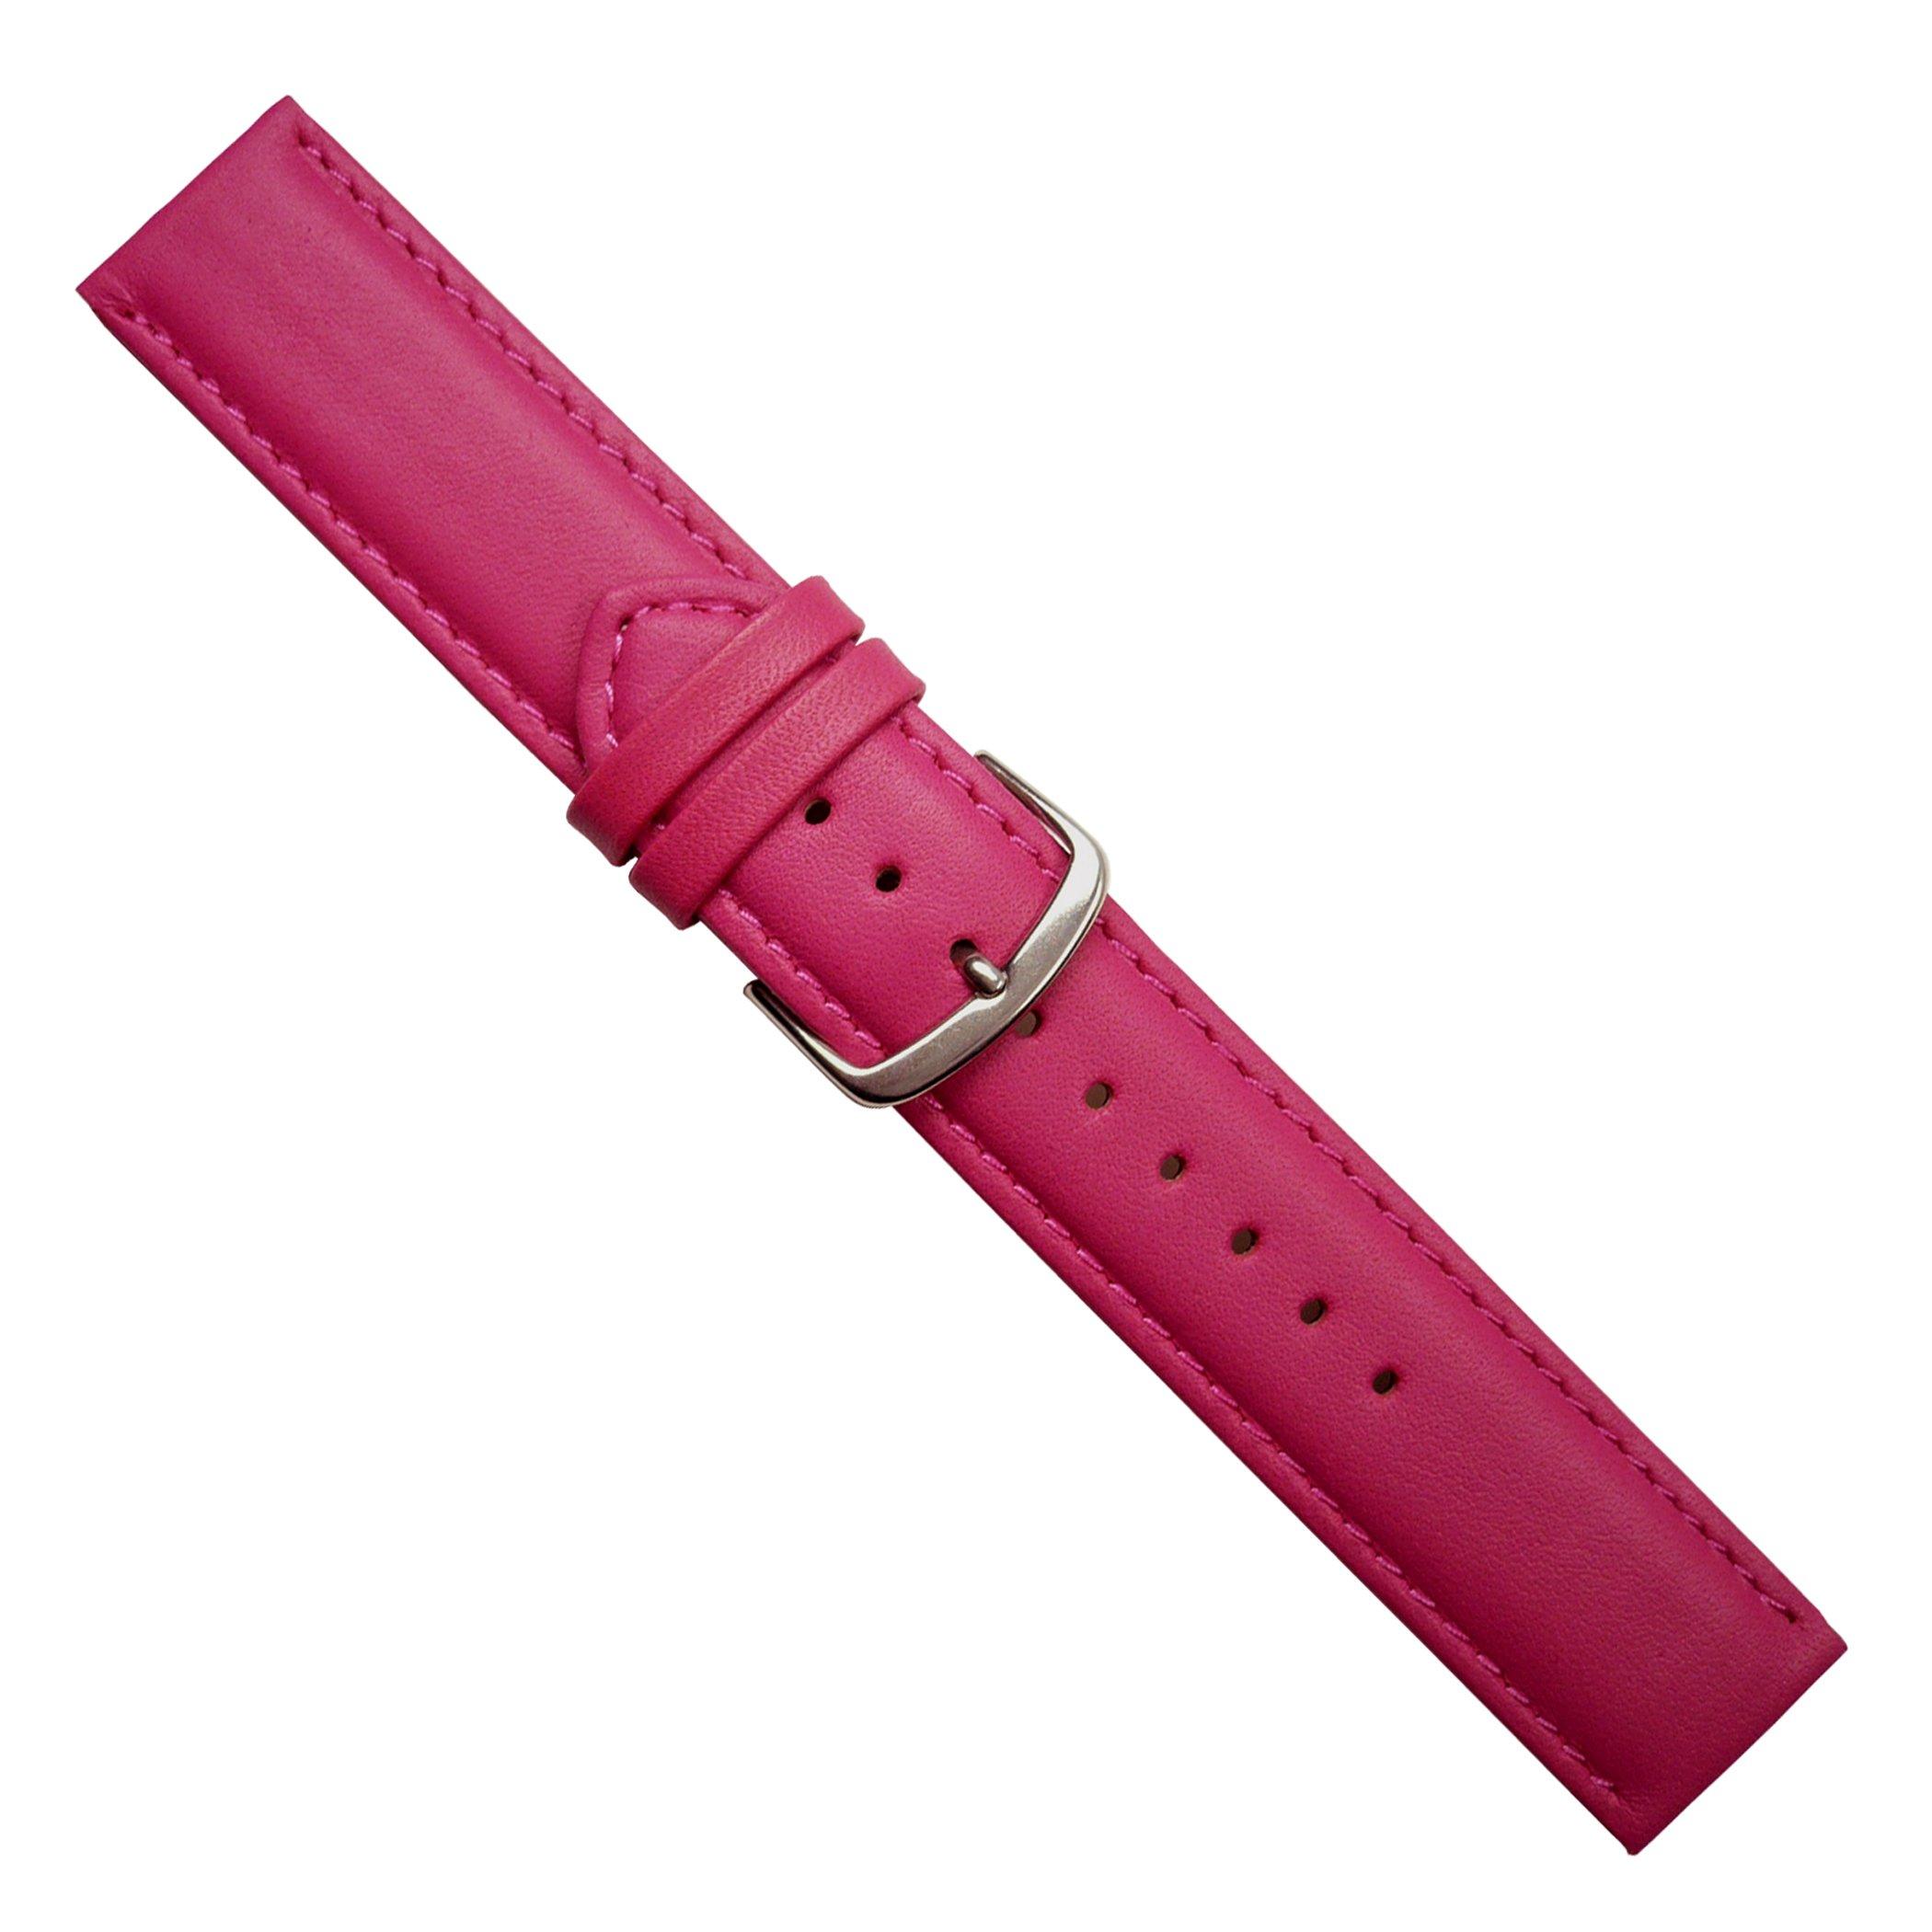 Uhrbanddealer-Damen-und-Herren-Uhrenarmband-Soft-Kalb-Leder-22mm-Pink-matt-392922s